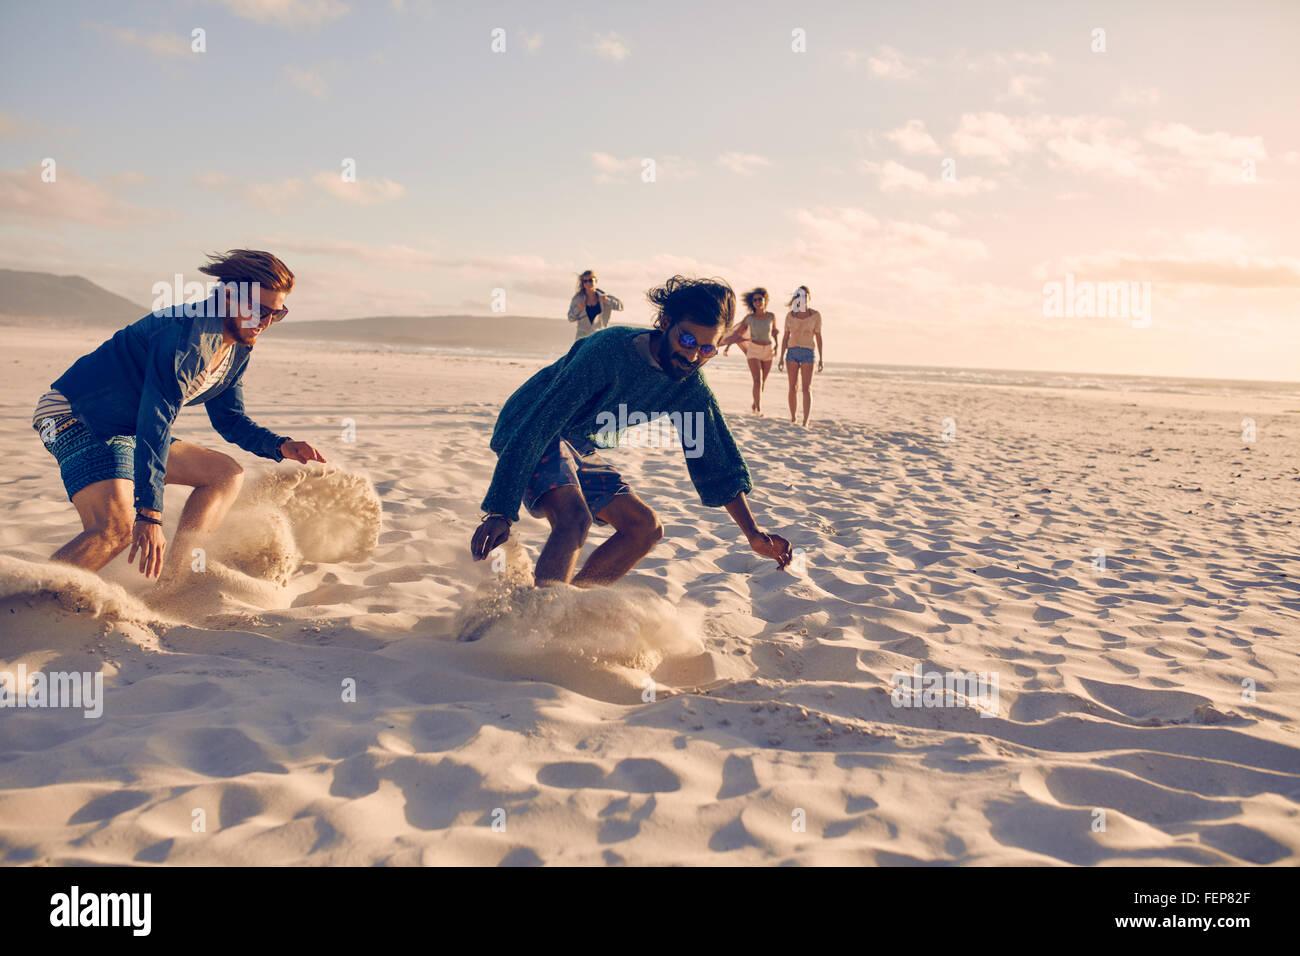 Les jeunes hommes course à pied sur la plage. Groupe de jeunes de jouer aux jeux de sable sur une journée Photo Stock